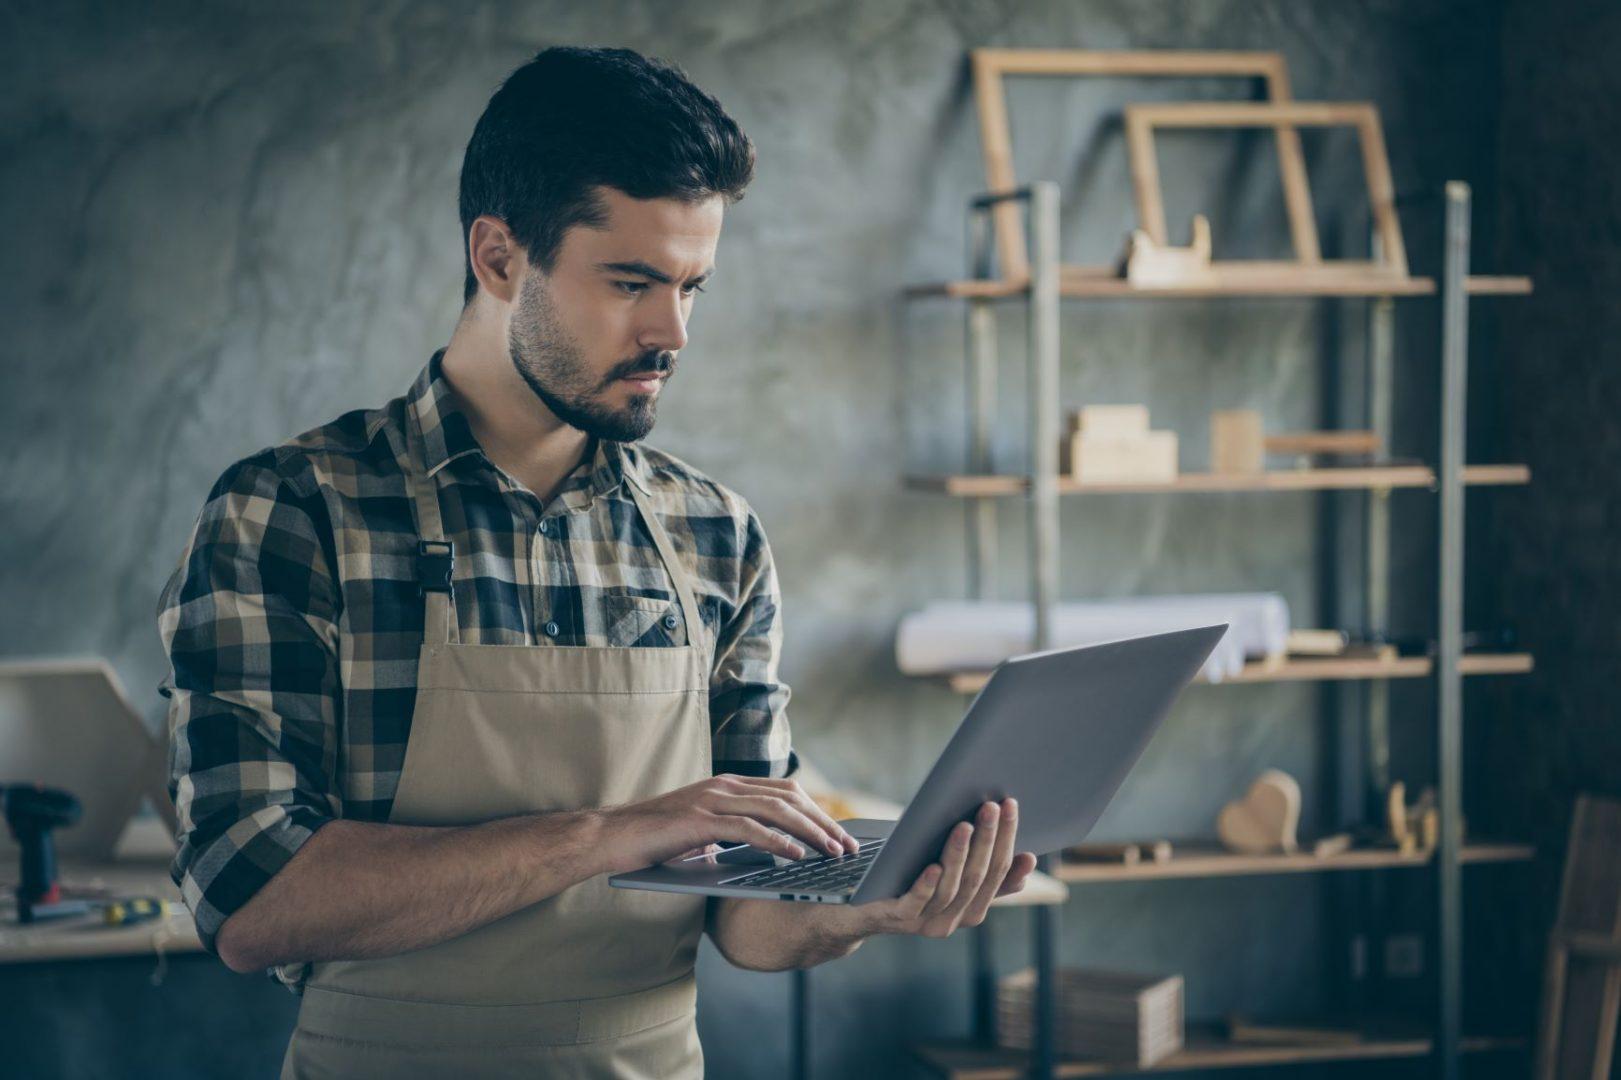 retail employee on training using laptop